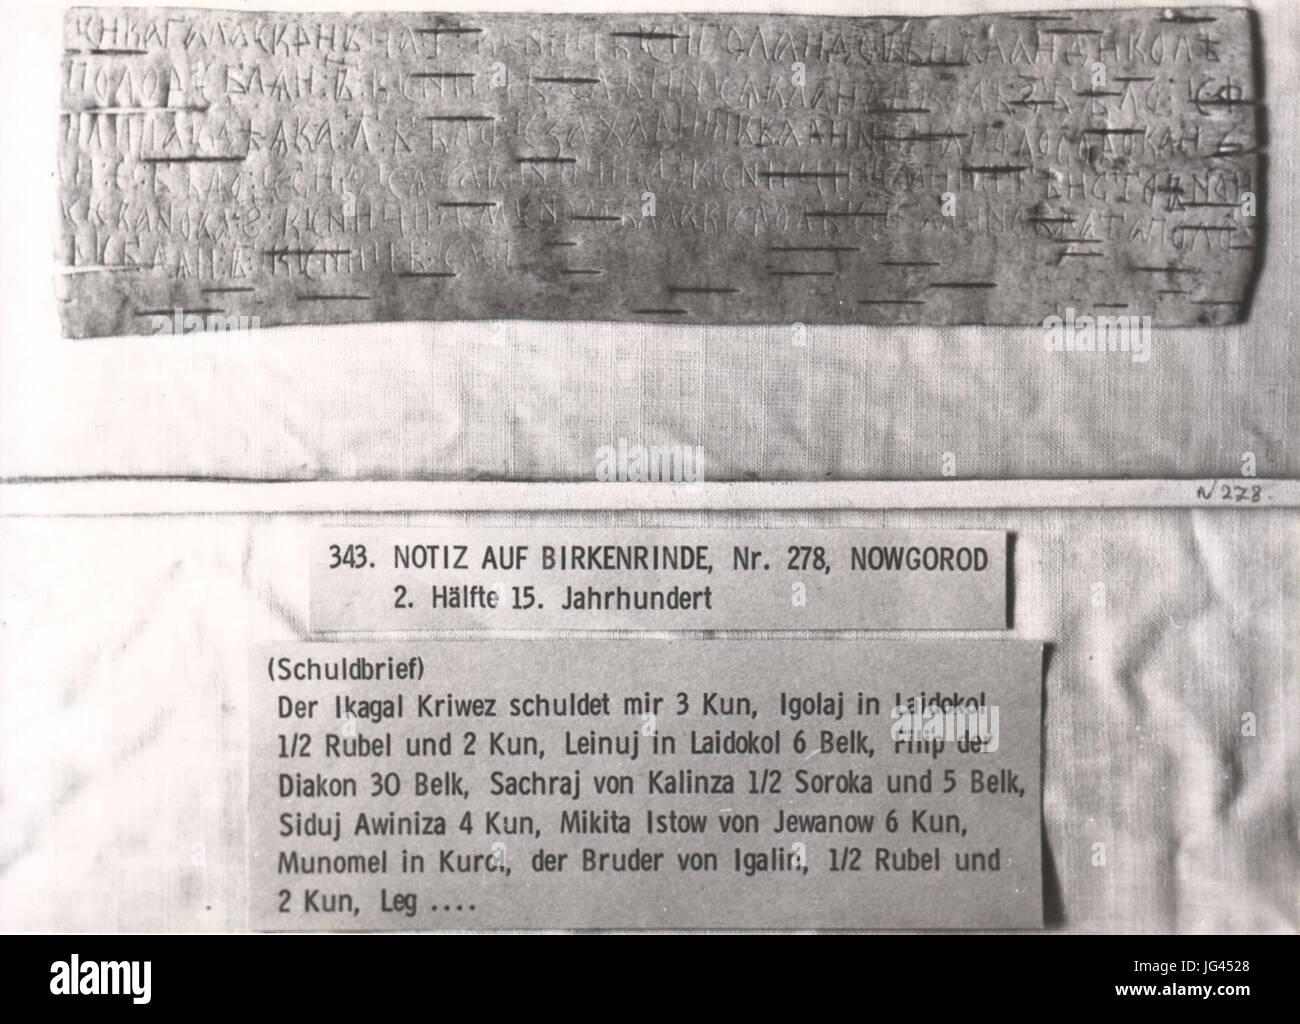 Notiz Auf Birkenrinde (Schuldbrief), Nowgorod, 2. Hälfte 15. Halbmonatsschrift Stockbild